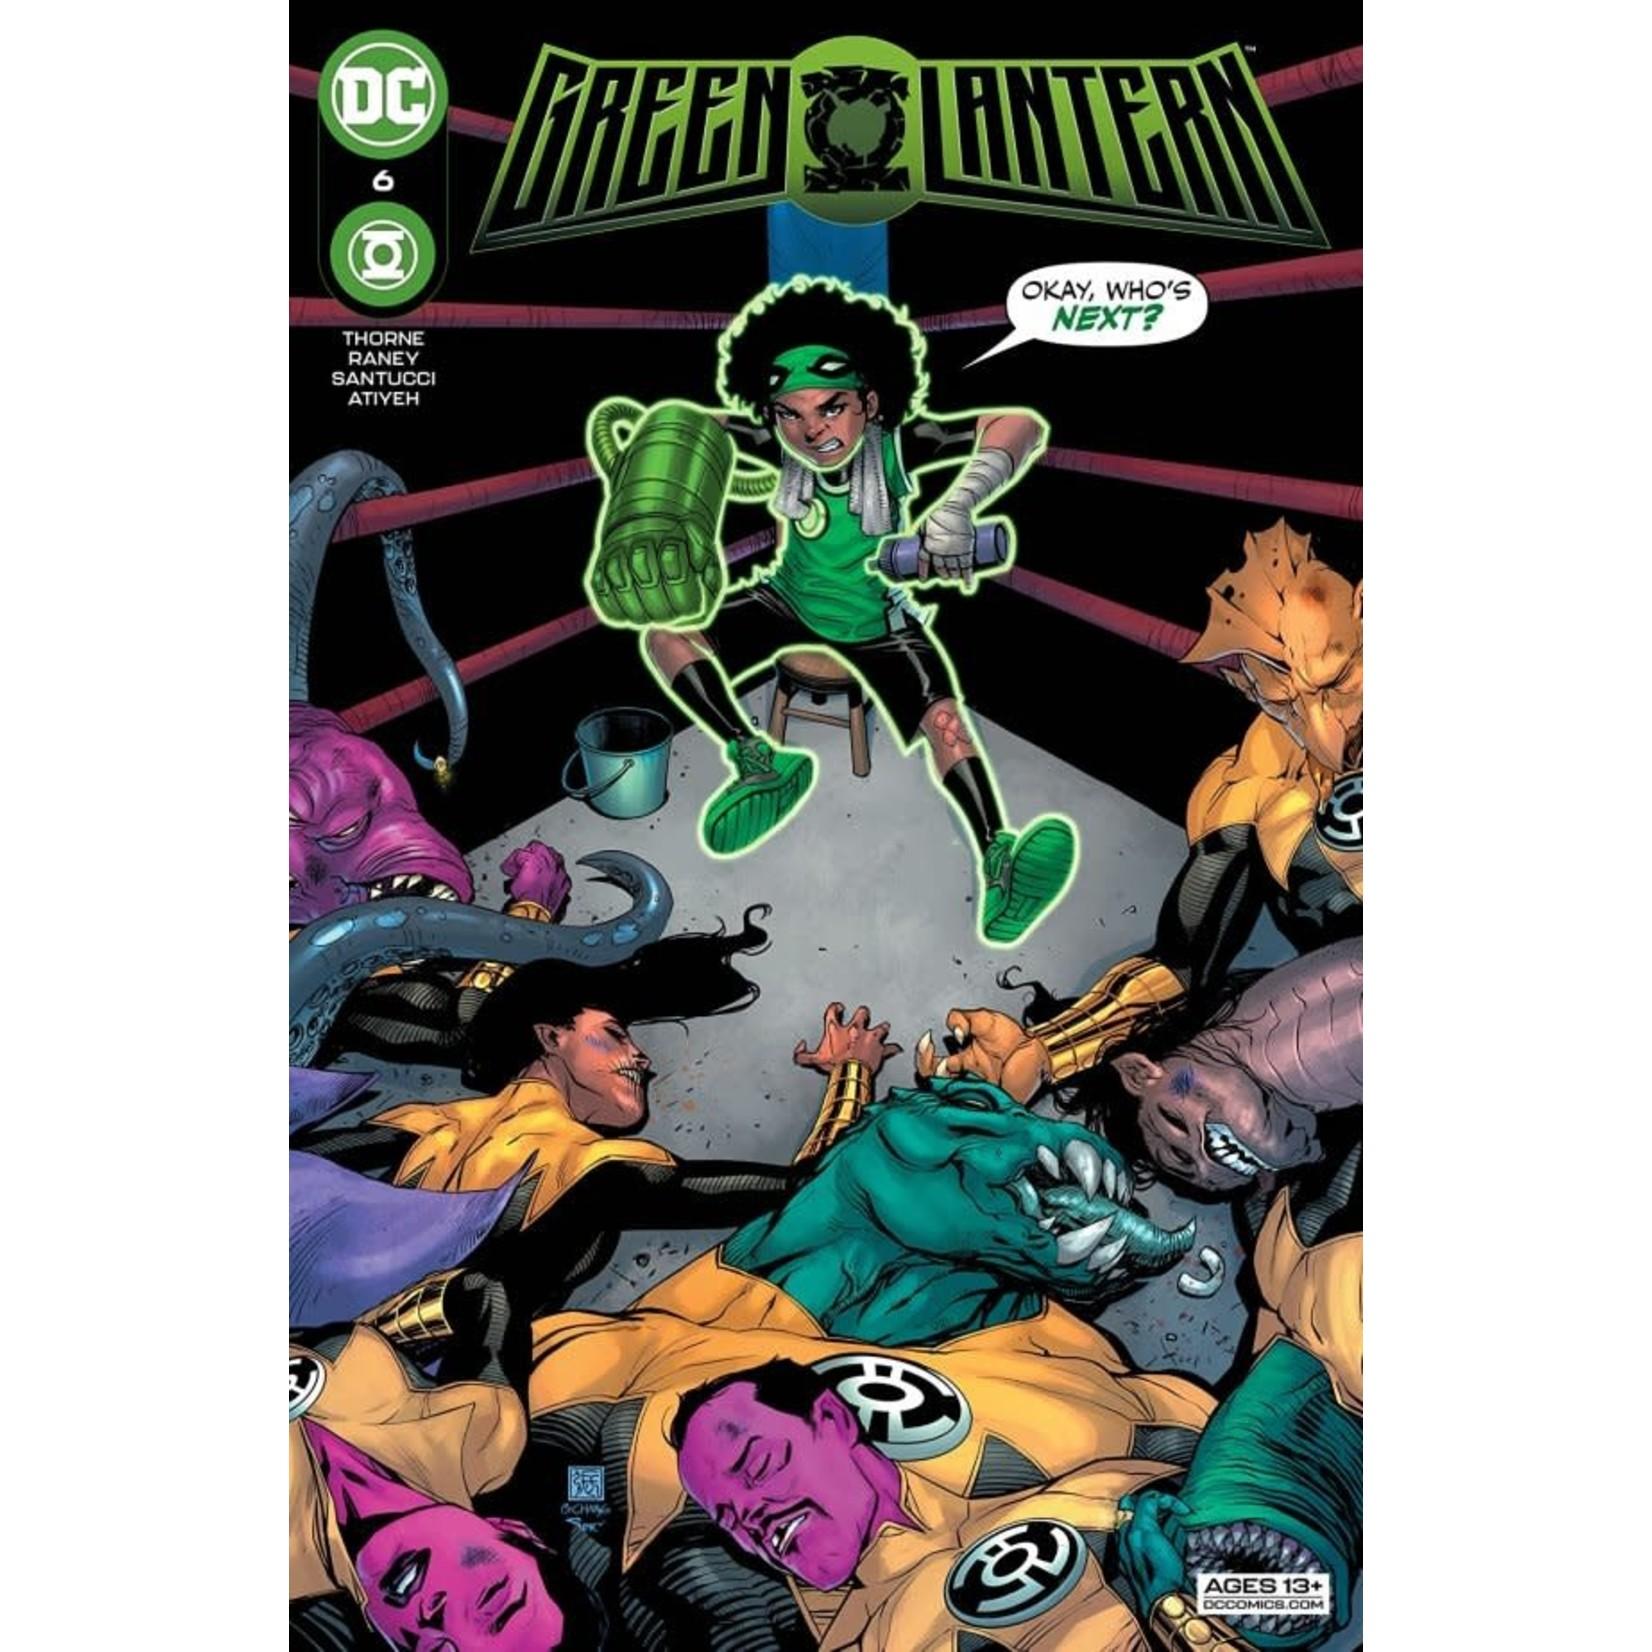 DC Comics Green Lantern #6